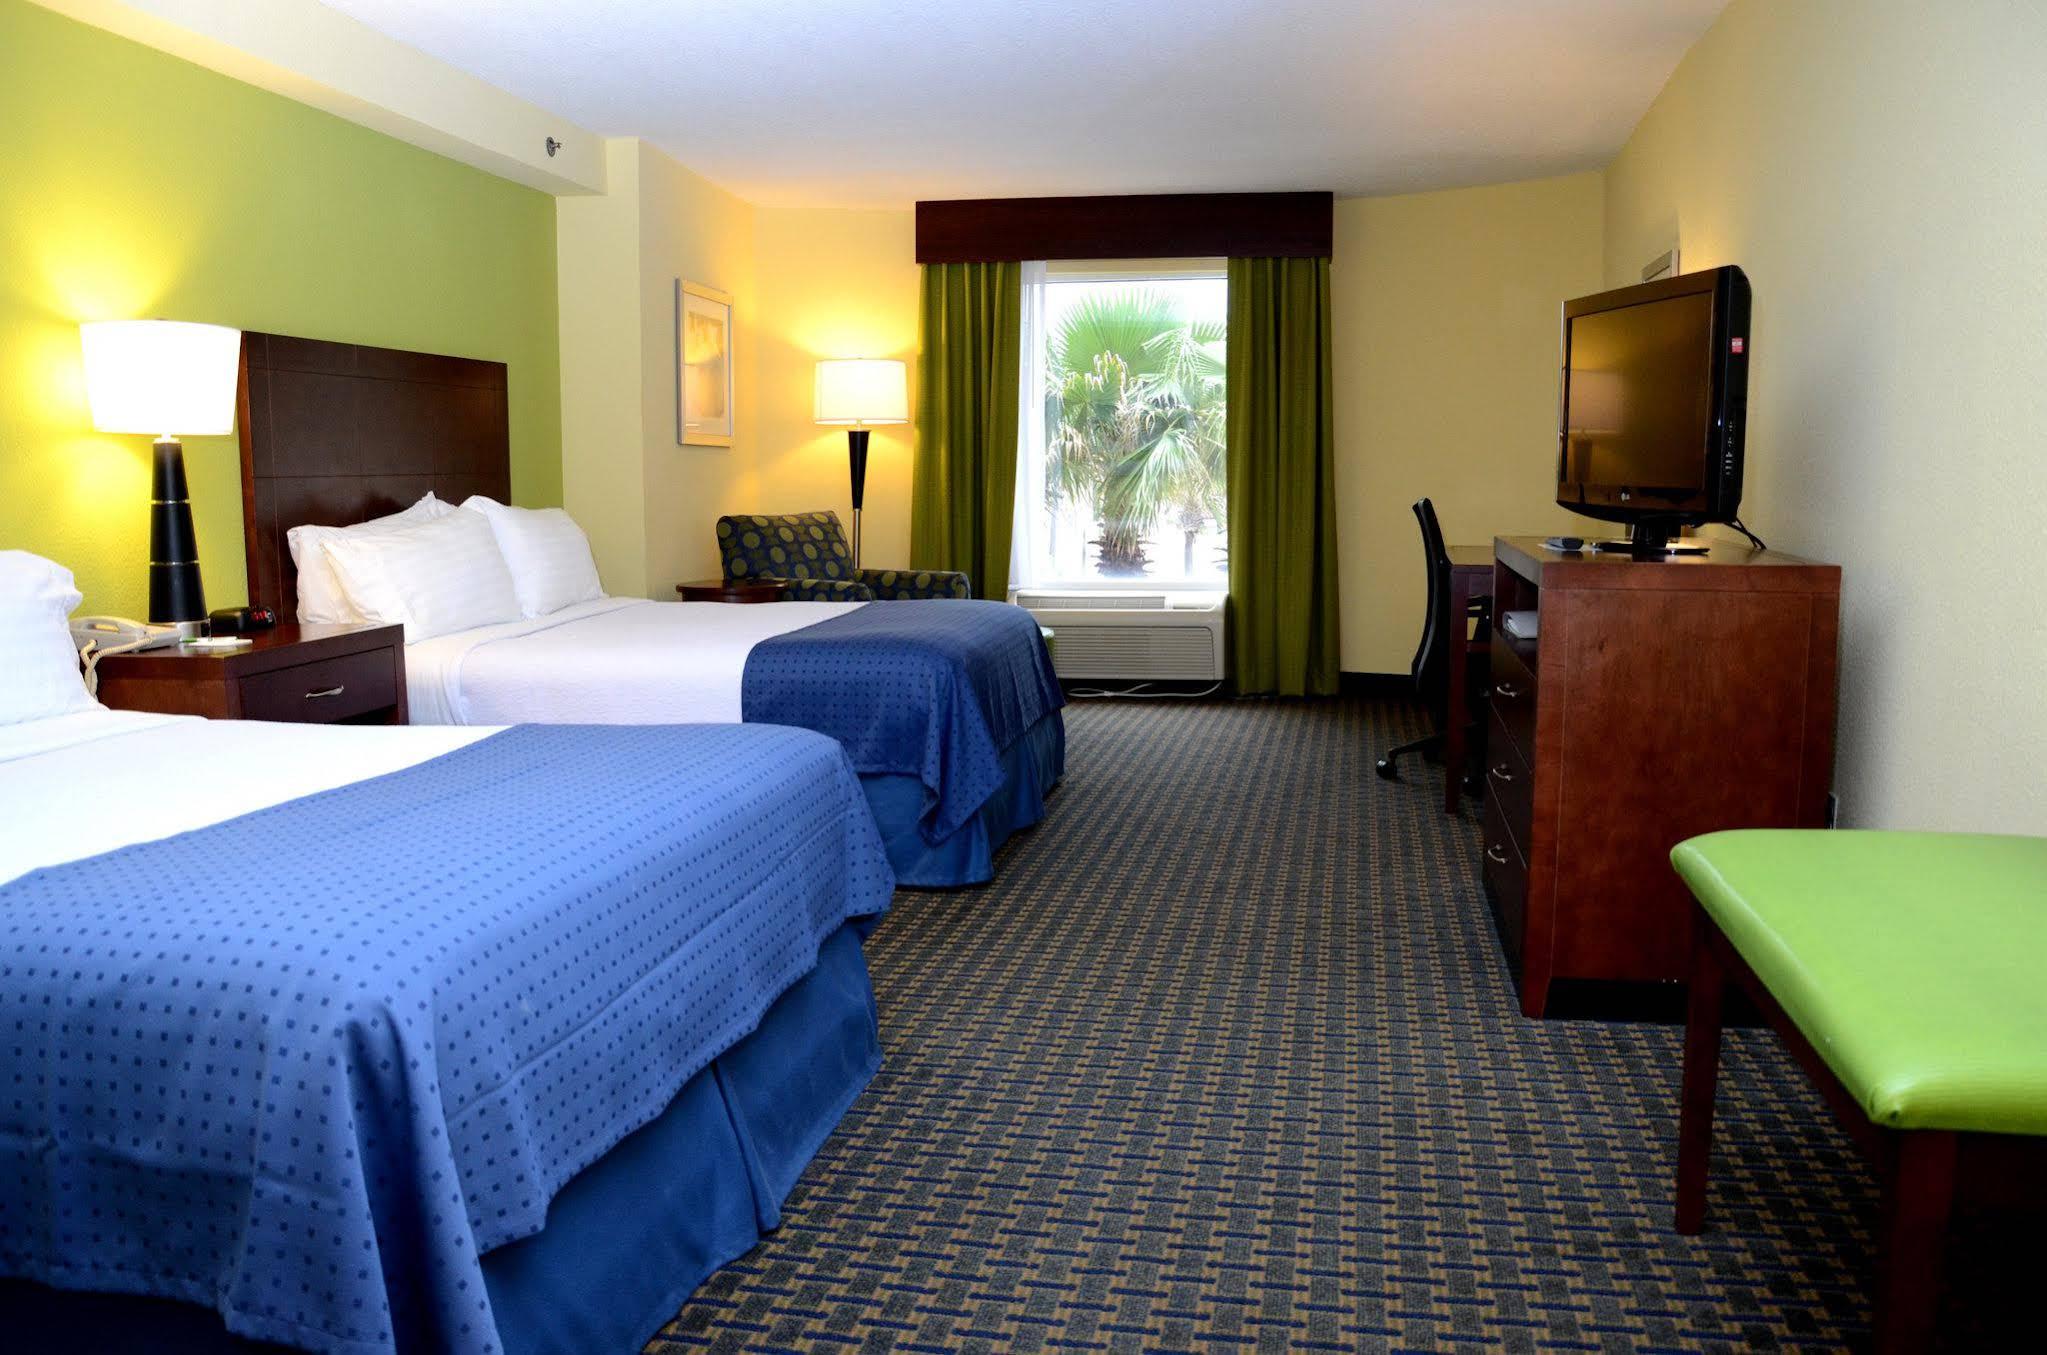 Holiday Inn and Suites Daytona Beach on the Ocean